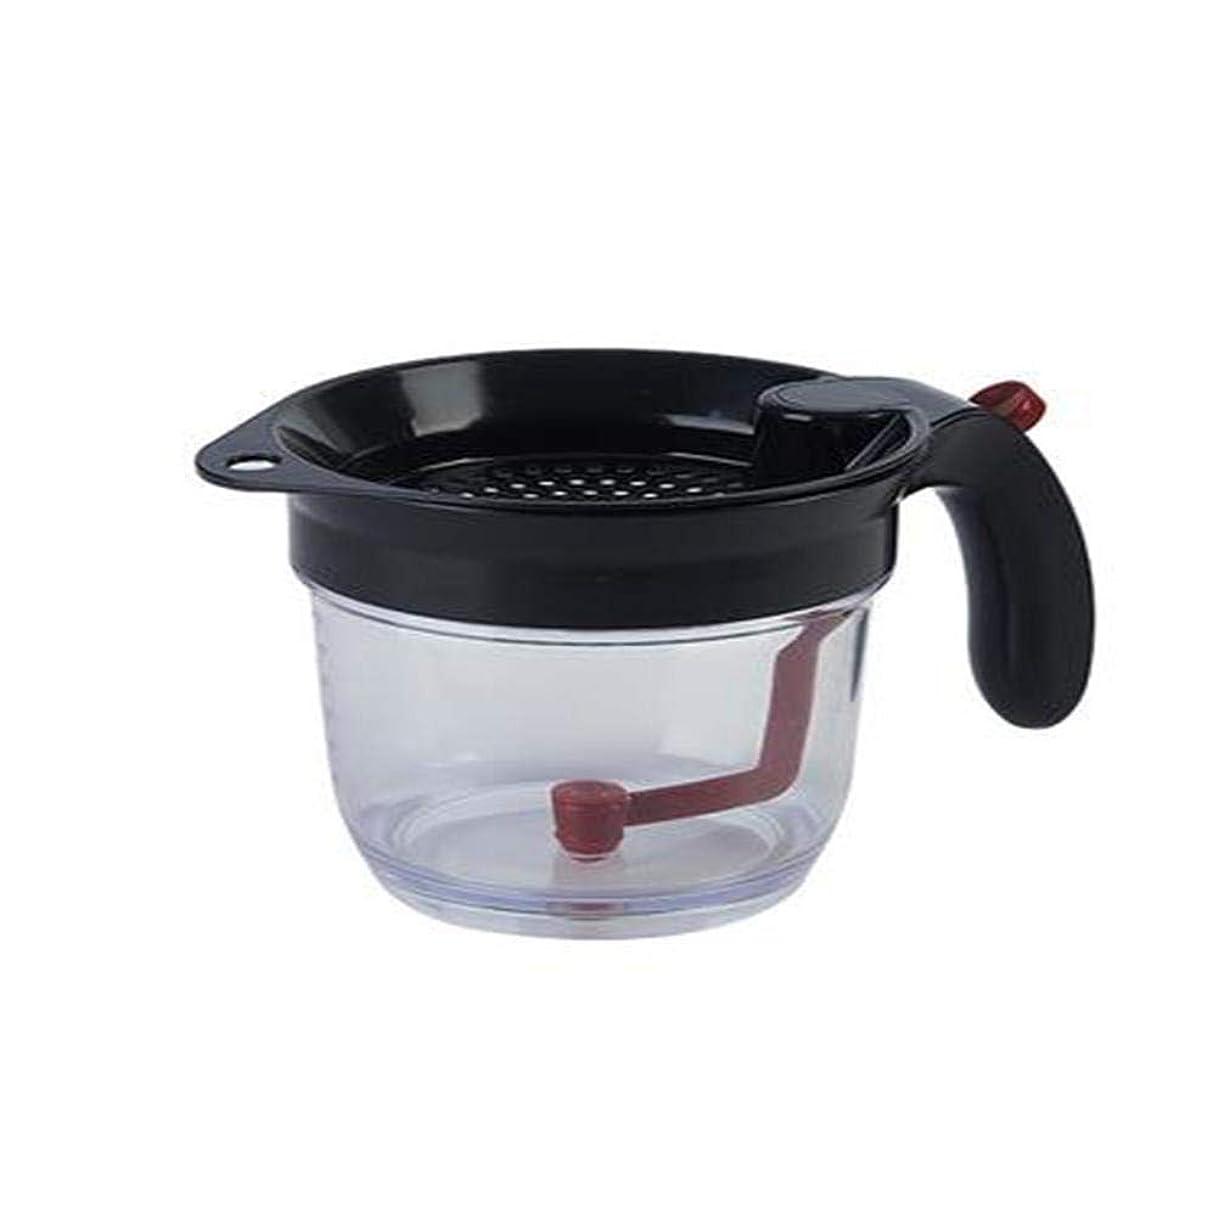 倒錯上がるずんぐりしたオイルフィルター オイルポット キッチン用品 スープセパレーター カップ脂肪セパレーター オイルセパレーター 大容量 お手入れ簡単 キッチンアクセサリー